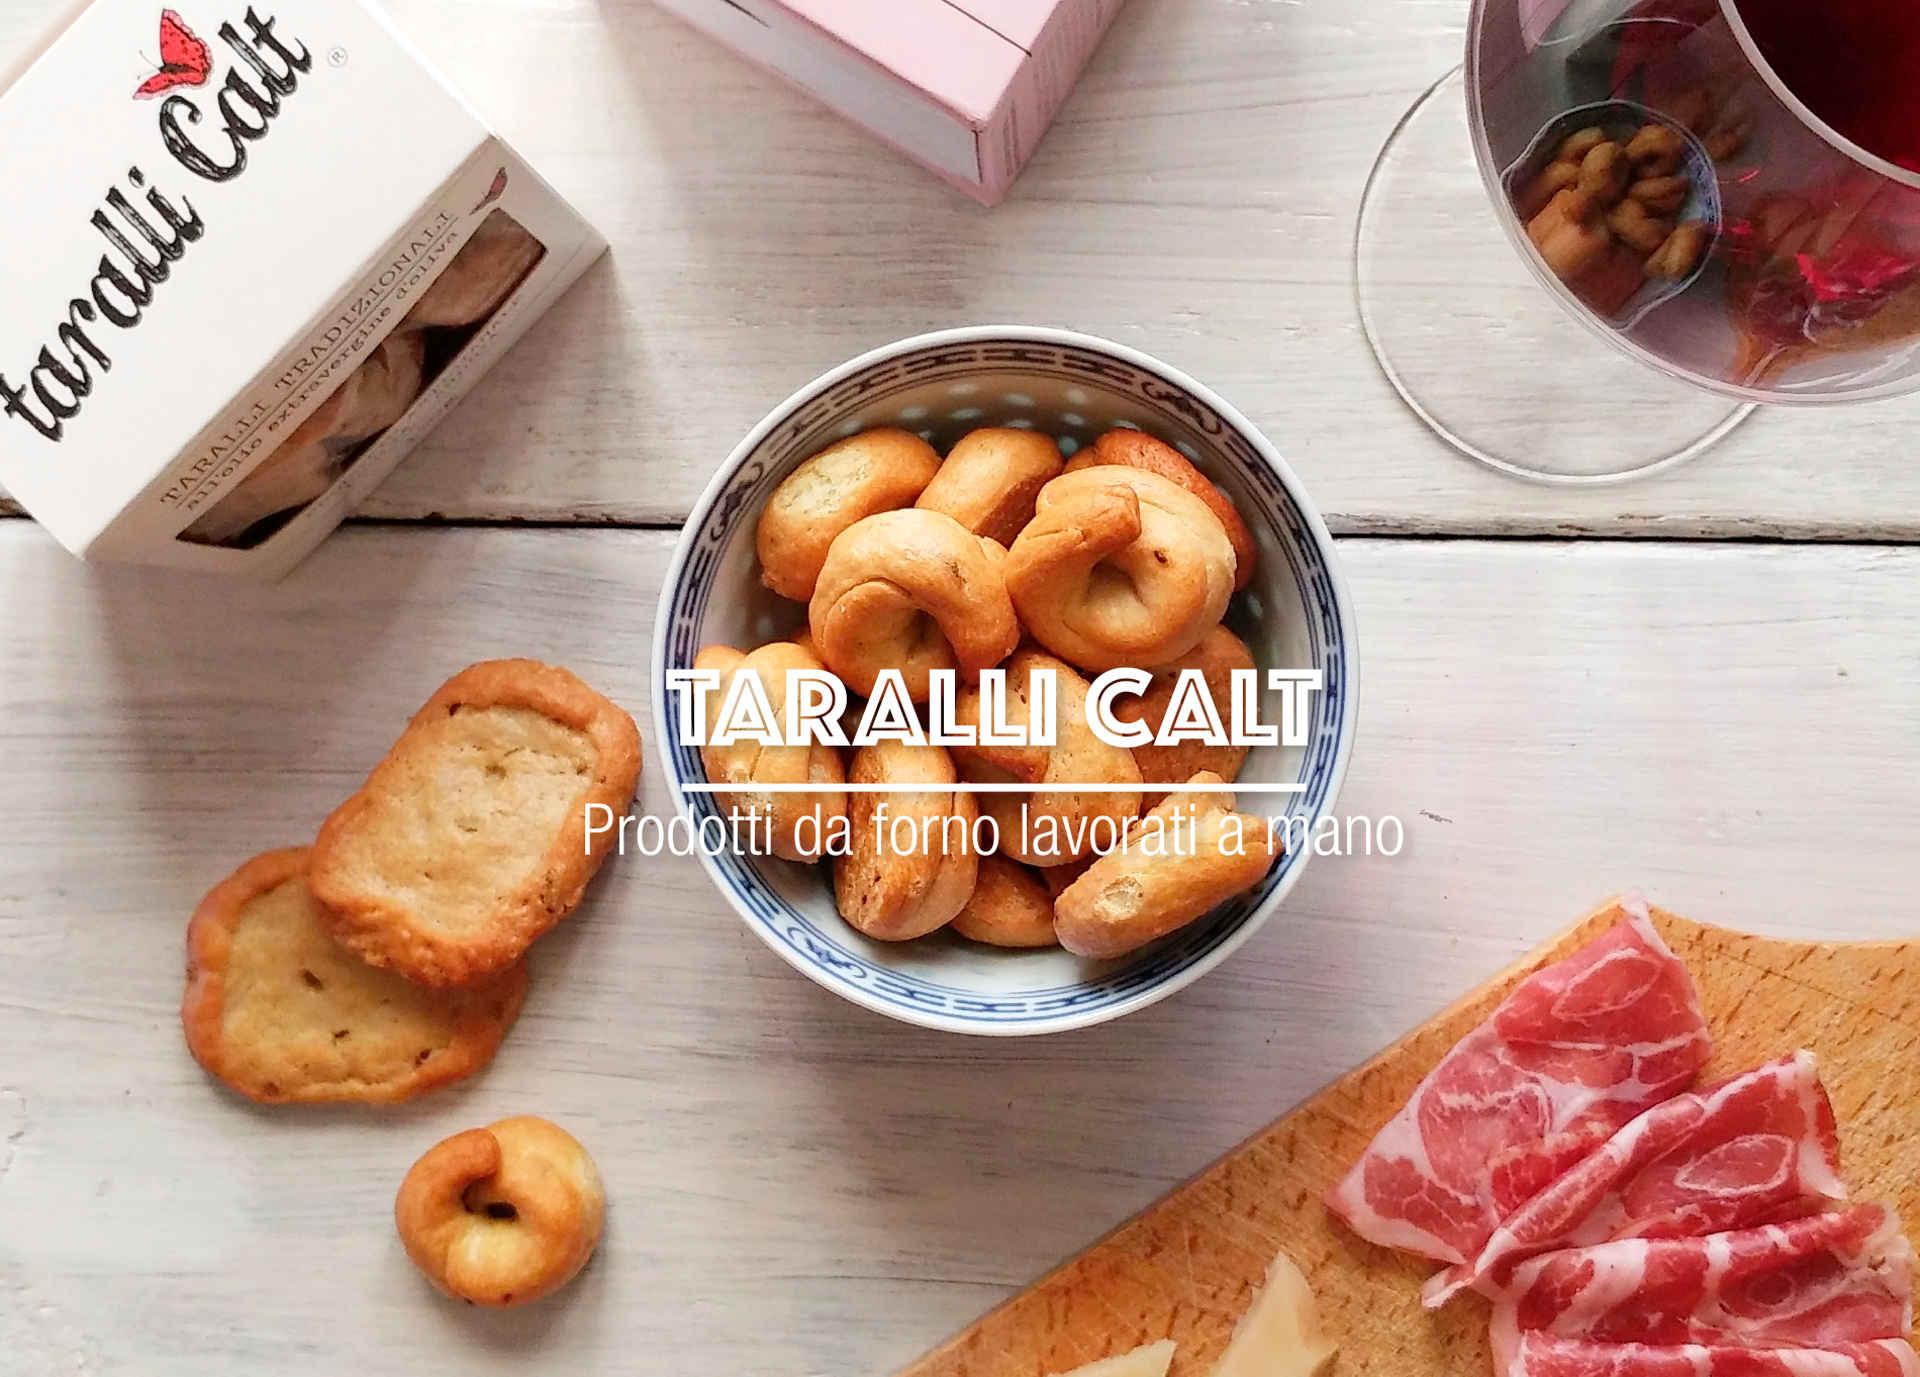 Taralli Calt - Prodotti da forno lavorati a mano